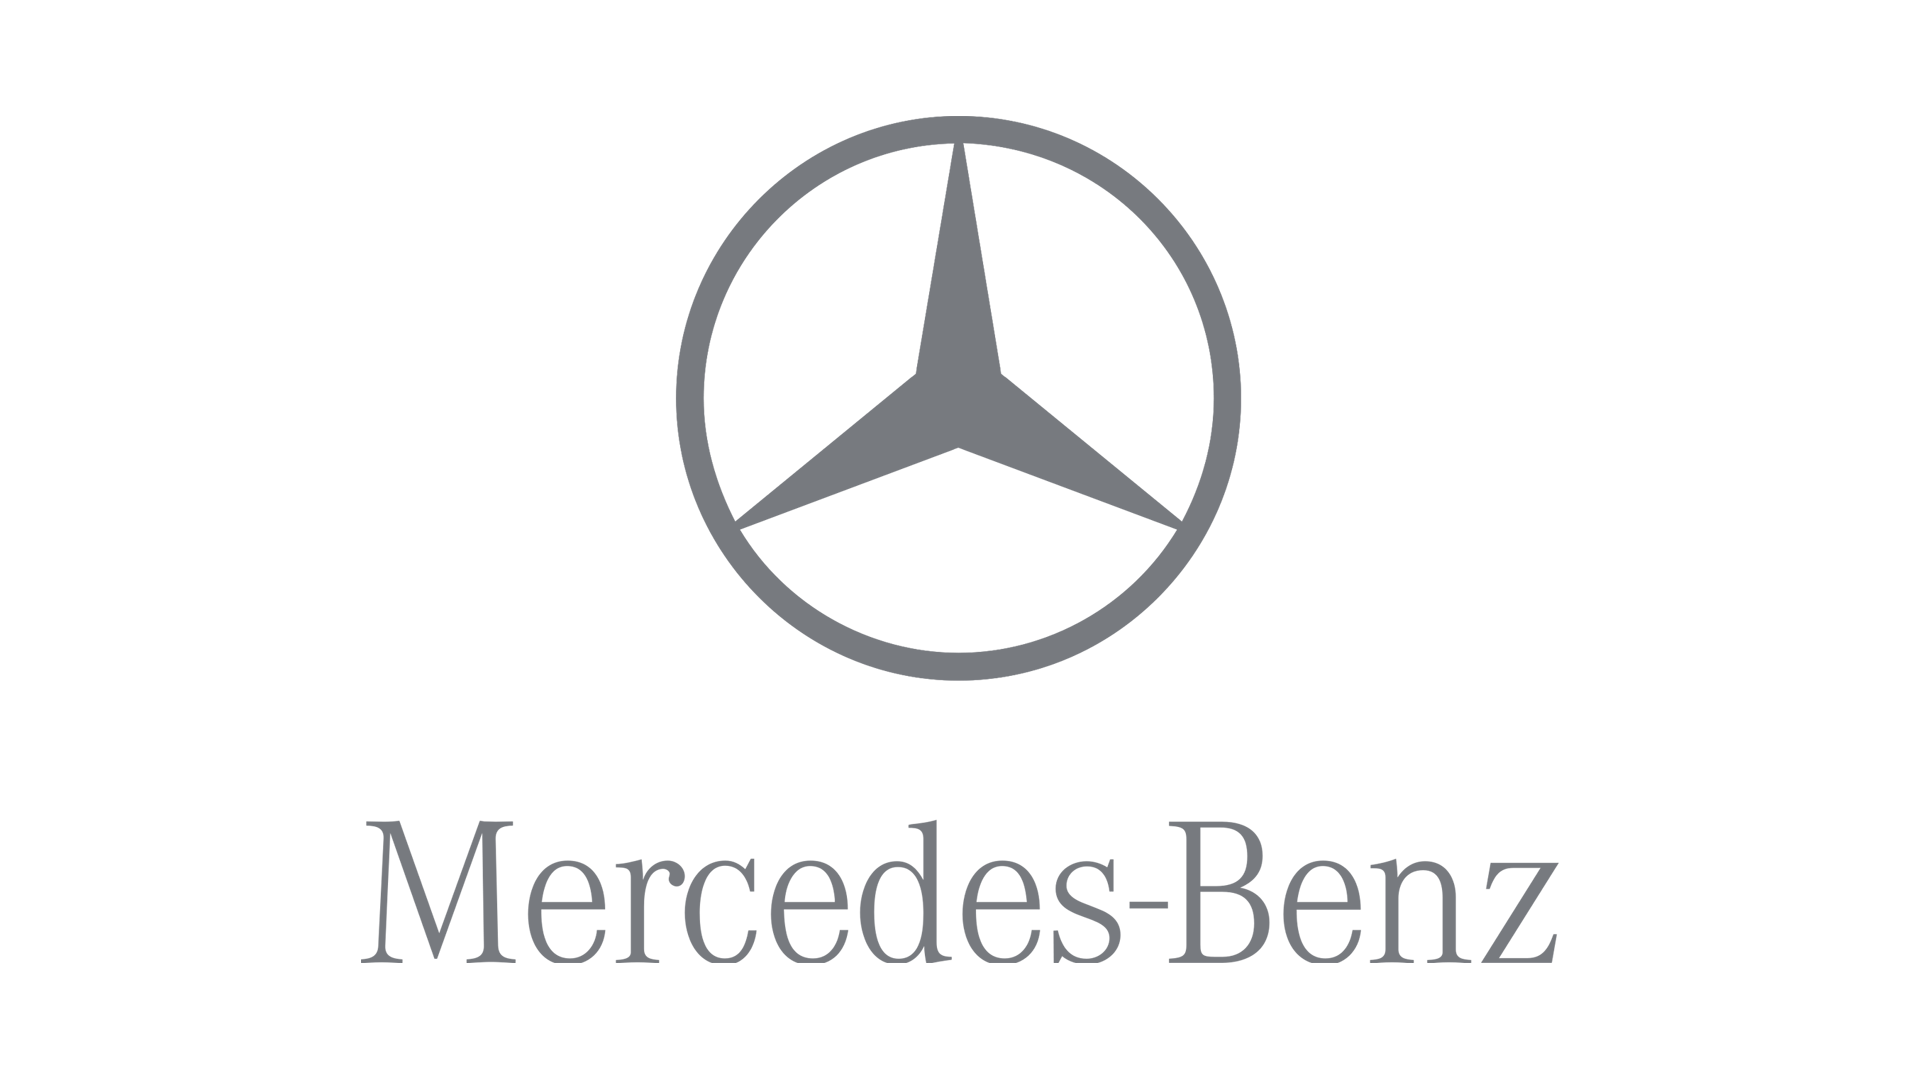 Логотип Мерседес 2010